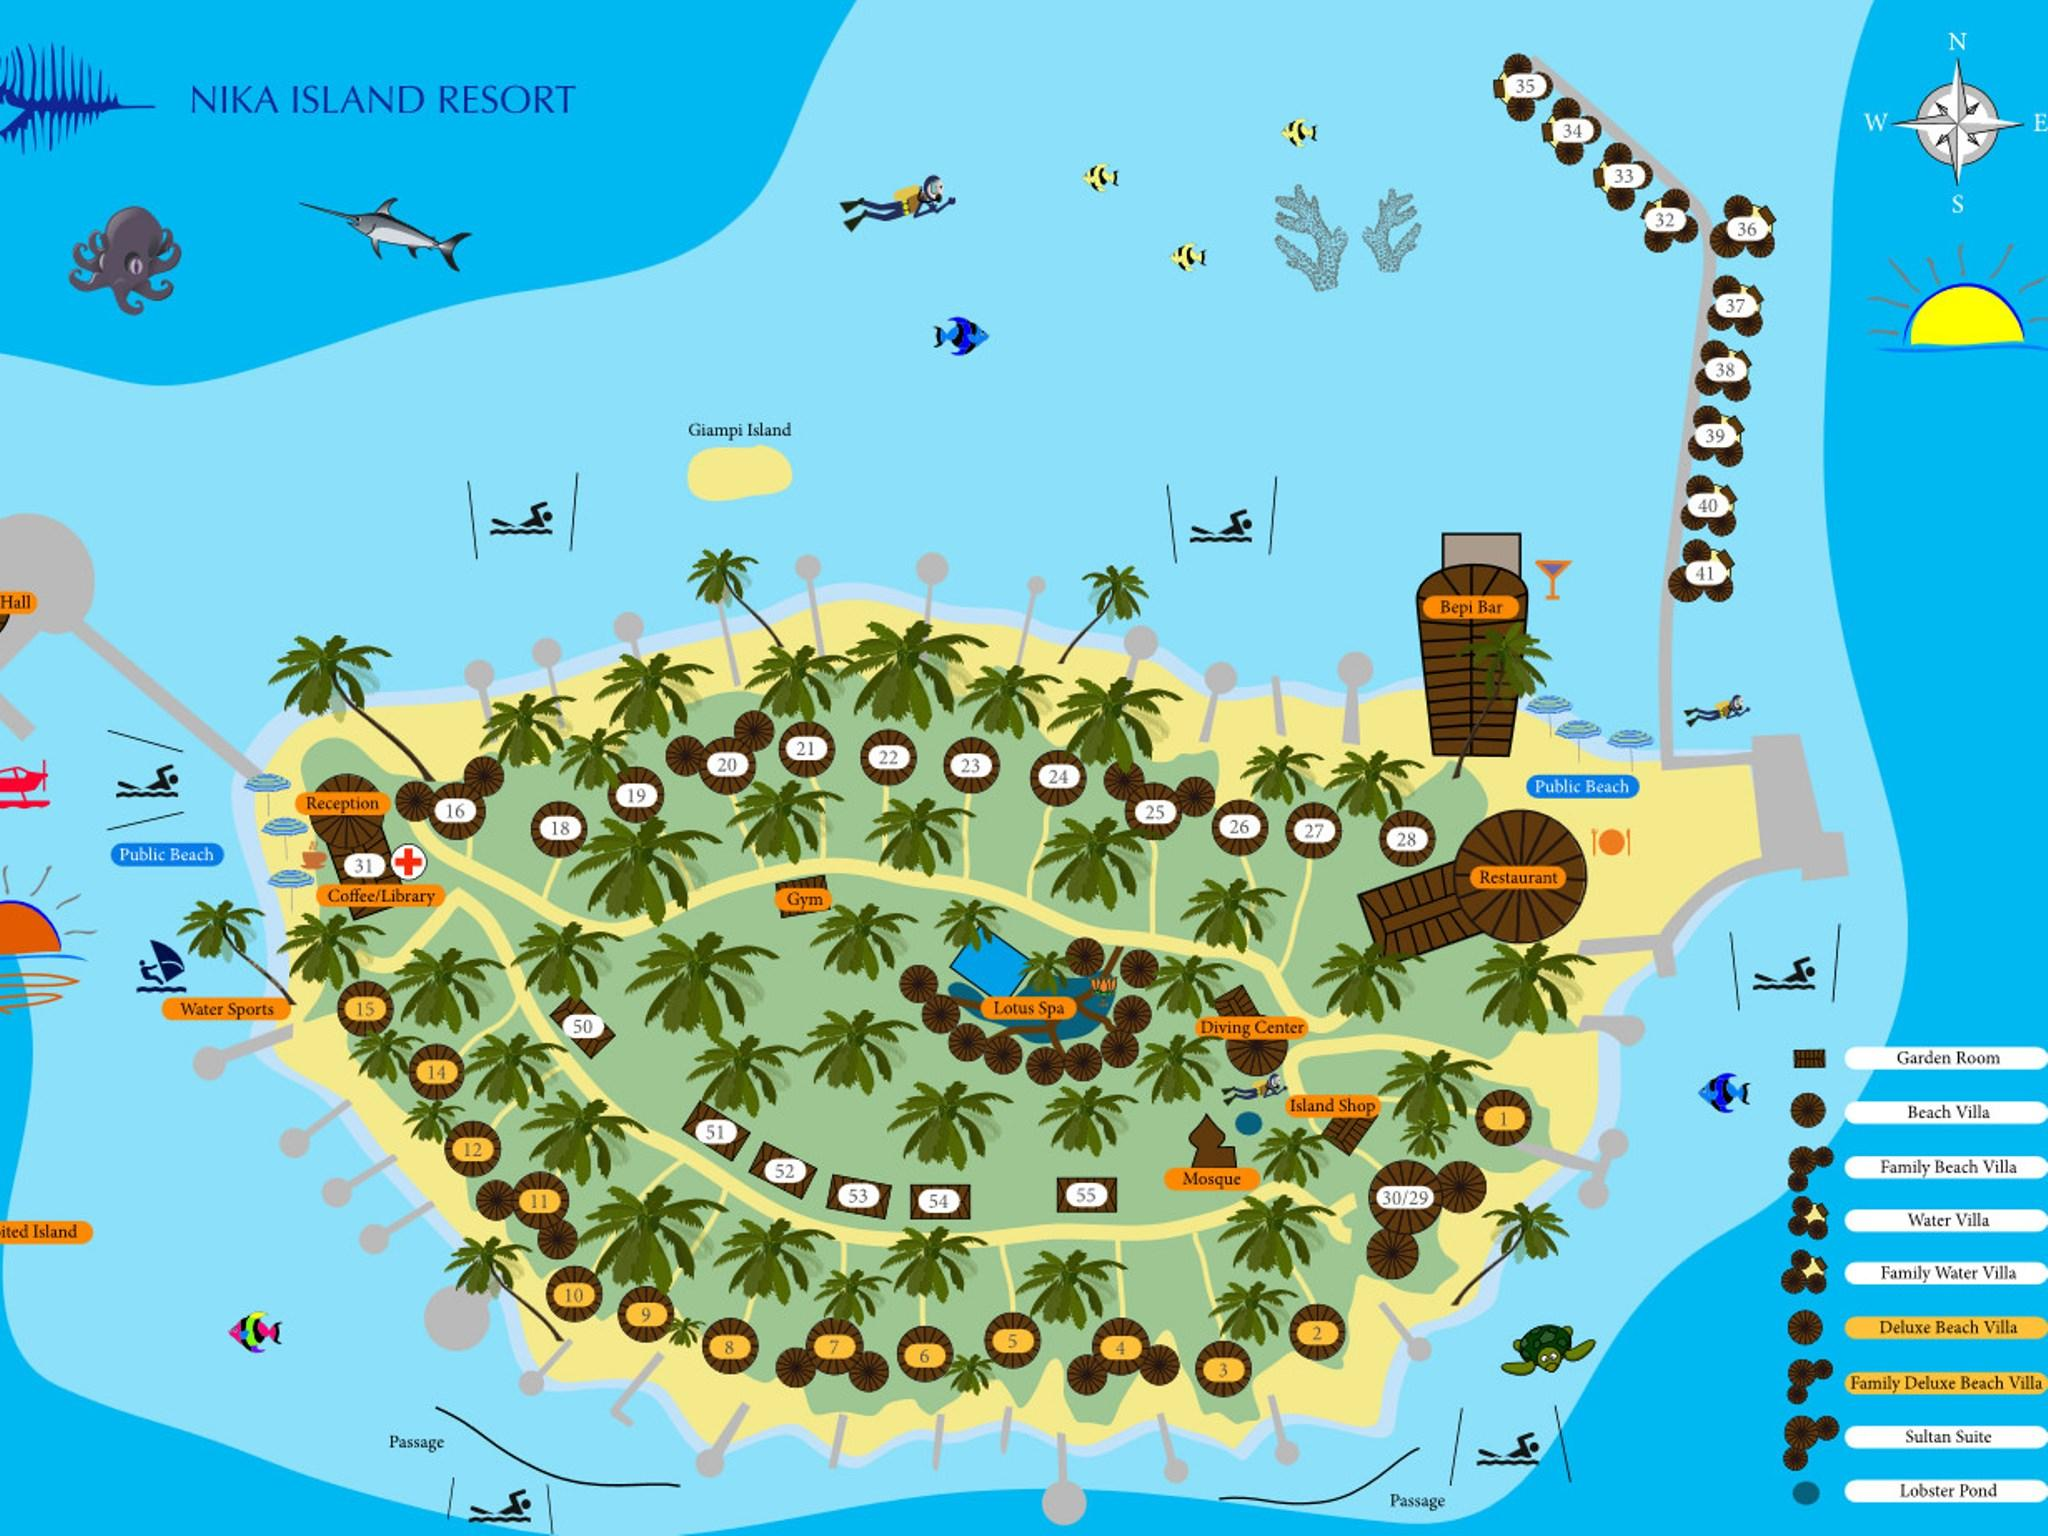 Intuición manipular no pagado  🟊🟊🟊🟊🟊 Nika Island Resort - Maldives Islands - Maldives